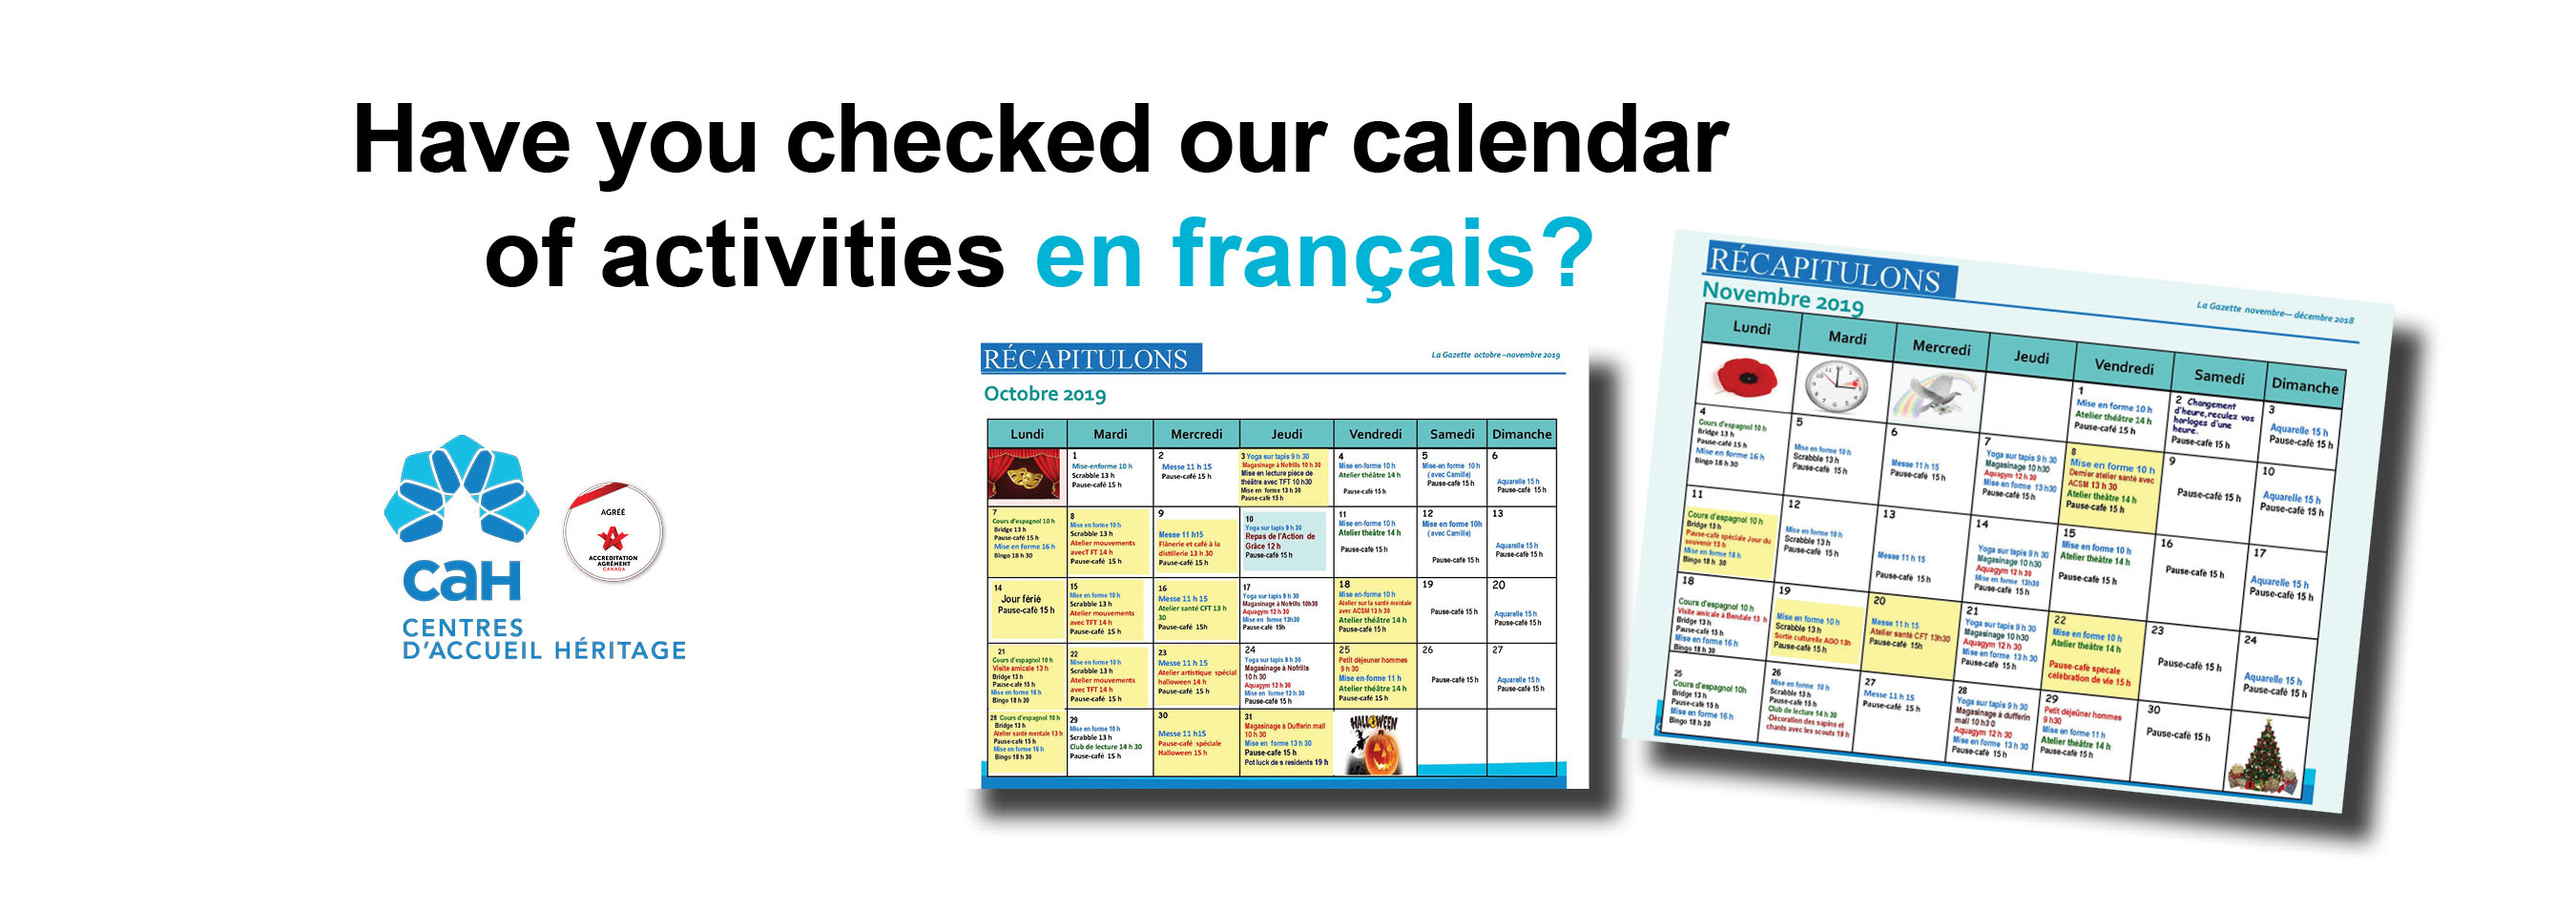 Check our calendar of activities… en français!